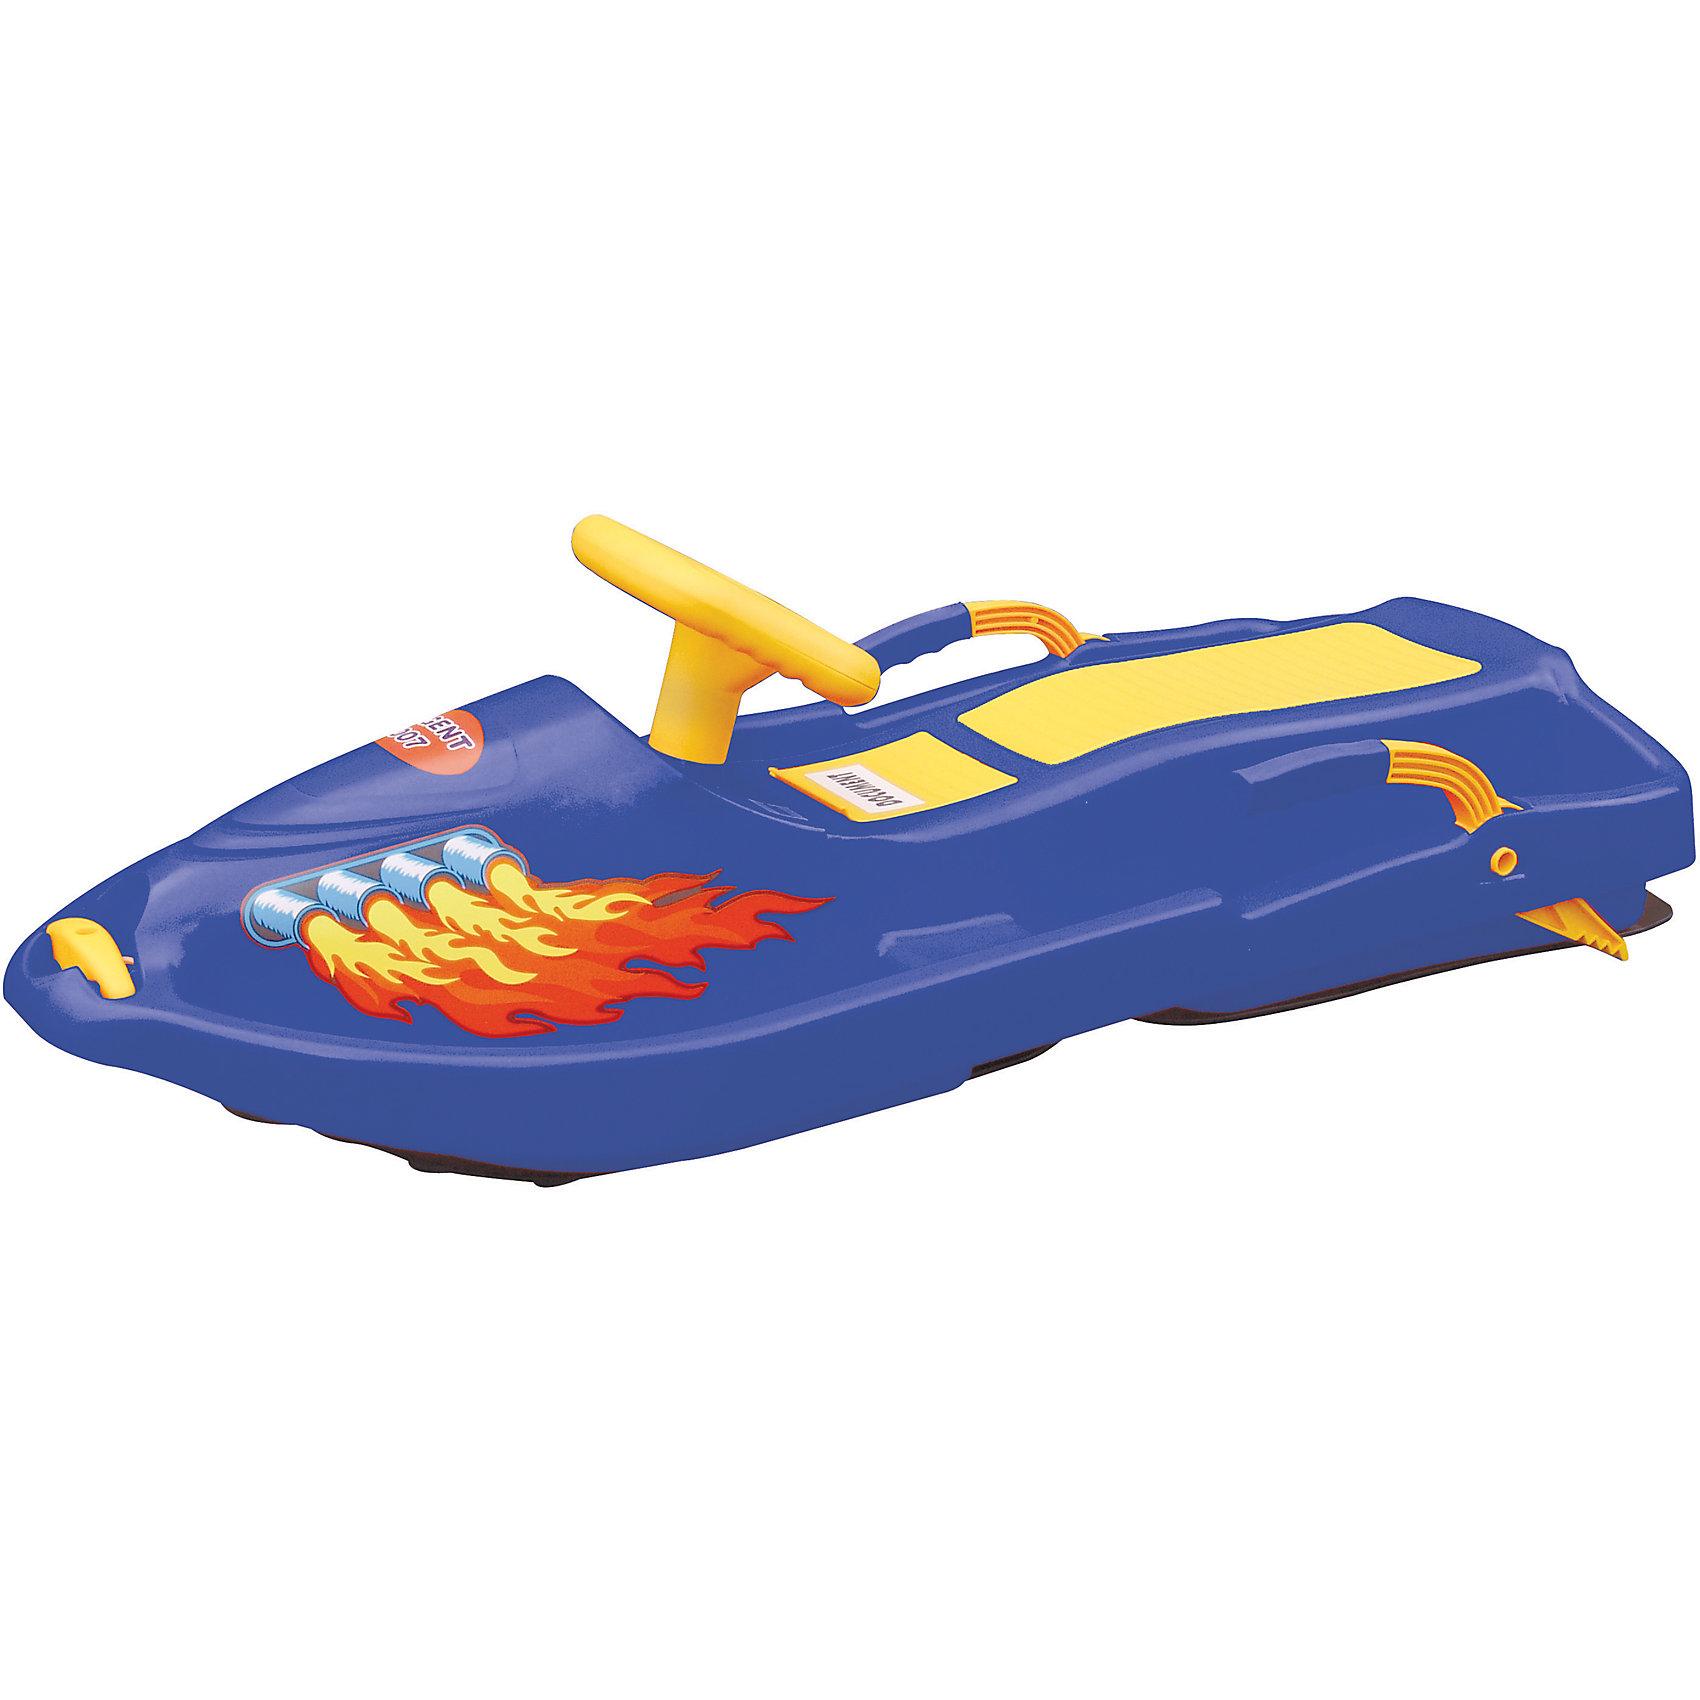 Санки Snow BoatСанки и снегокаты<br>Санки Snow Boat выполнены в виде яркого скутера. Модель изготовлена из высококачественного прочного пластика, имеет тормоз и буксирный шнур. Специальные выступы для ног позволяют ребенку лучше удерживать равновесие. Широкие полозья на которых располагаются санки связаны с рулем специальным рычагом, при повороте руля полозья меняют свое положение. В носовой части есть небольшое углубление, в которое складывает нейлоновый шнур, соединяющий снегокат и небольшую ручку. Прекрасный вариант для зимних забав! Игры и прогулки на свежем воздухе очень полезны для детей, они укрепляют иммунитет ребенка и, конечно, дарят хорошее настроение. <br><br>Дополнительная информация:<br><br>- Материал: пластик.<br>- Цвет: синий.<br>- Размер: 93x43x27 см.<br>- Количество посадочных мест: 2<br>- Рулевое управление. <br>- Тормоз.<br>- Буксирный шнур.<br>- Максимальная нагрузка: 50 кг.<br><br>Санки Snow Boat можно купить в нашем магазине.<br><br>Ширина мм: 930<br>Глубина мм: 430<br>Высота мм: 270<br>Вес г: 3200<br>Возраст от месяцев: 36<br>Возраст до месяцев: 96<br>Пол: Унисекс<br>Возраст: Детский<br>SKU: 4295756